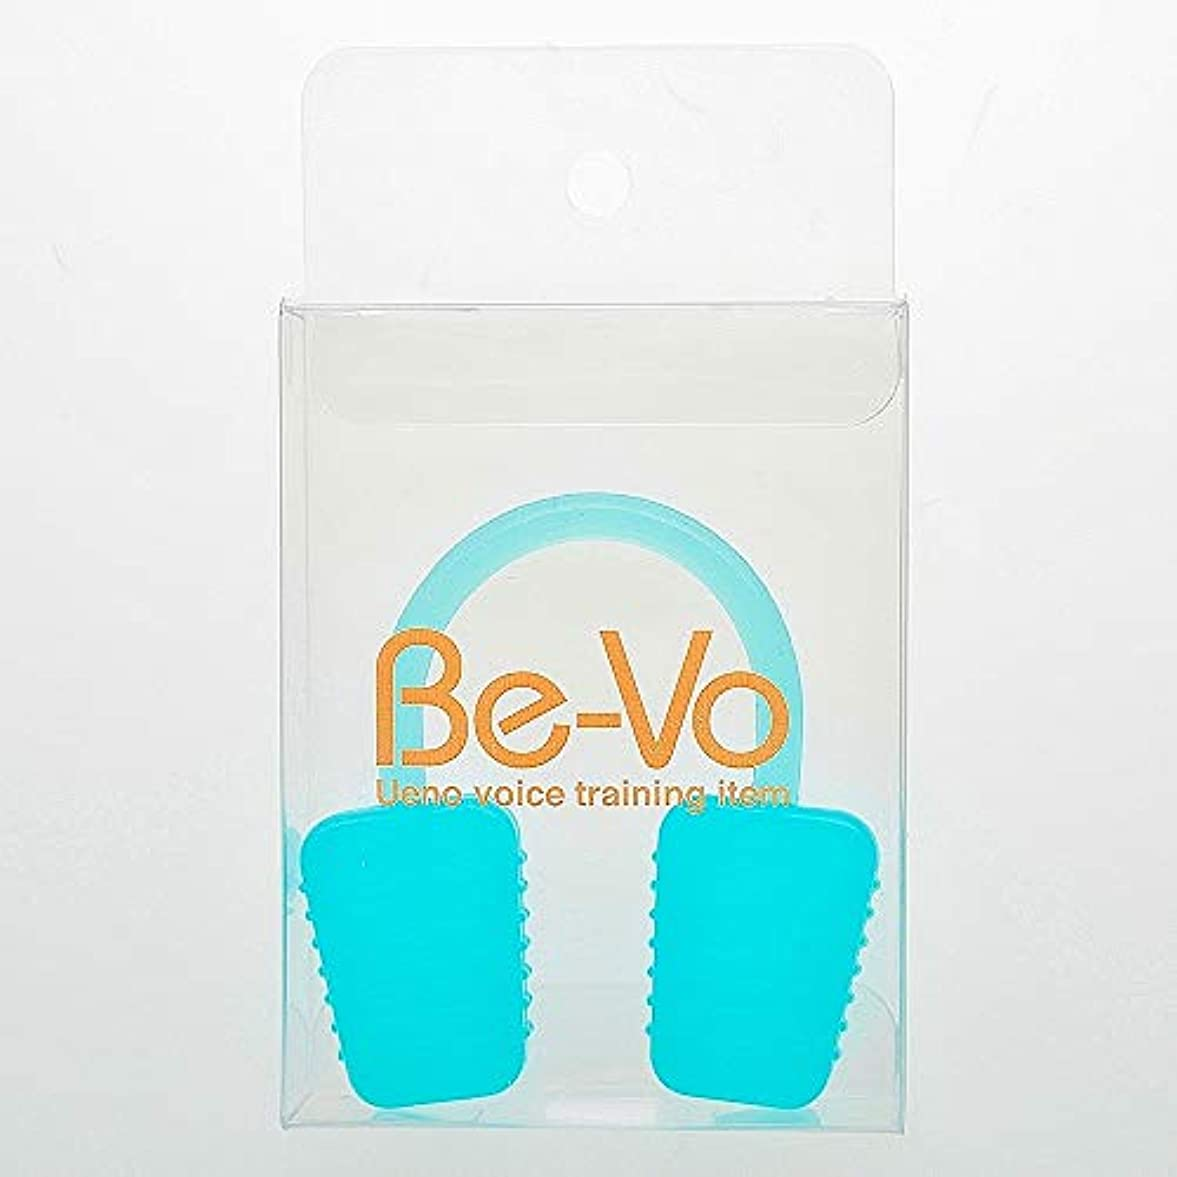 燃やす薬を飲む有効なBe-Vo (ビーボ) ボイストレーニング器具 自宅で簡単ボイトレグッズ (ブルー)